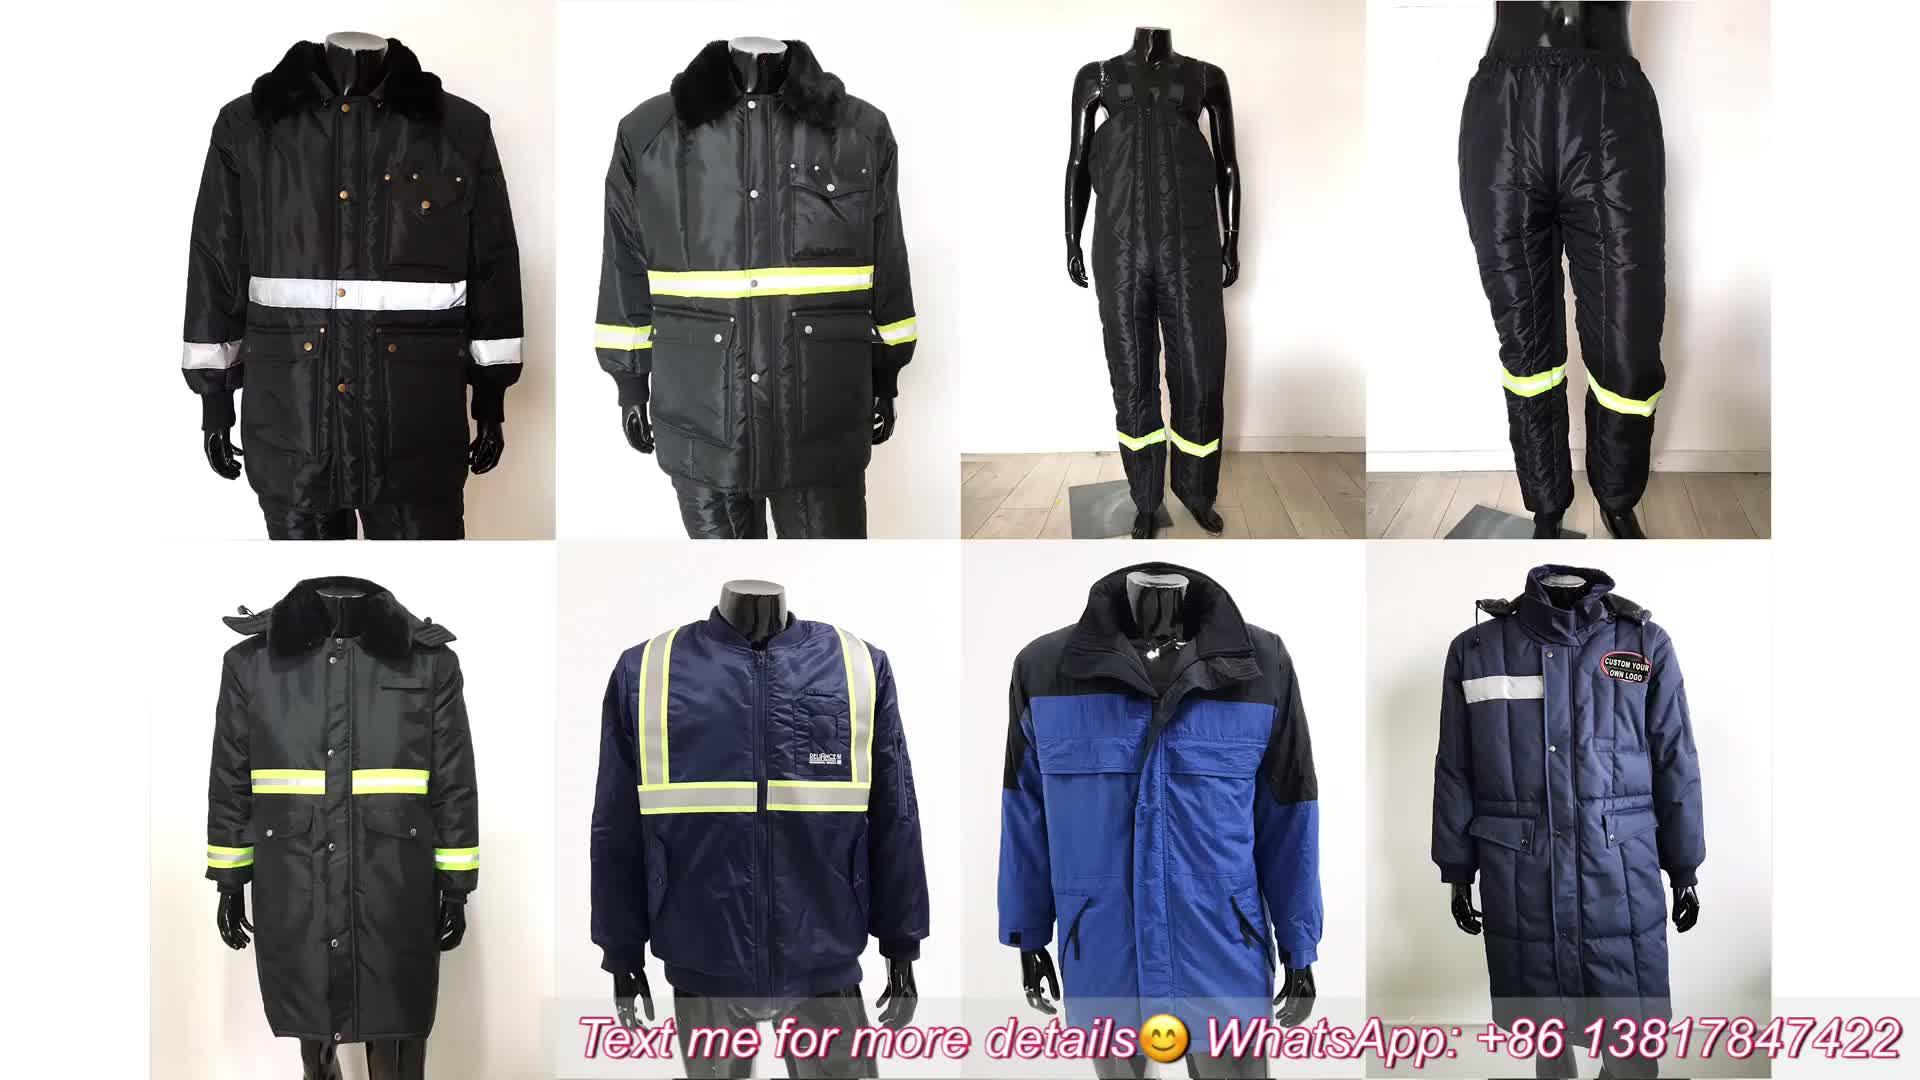 In Stock/OEM Water Resistant Reflective Winter Freezer Jacket